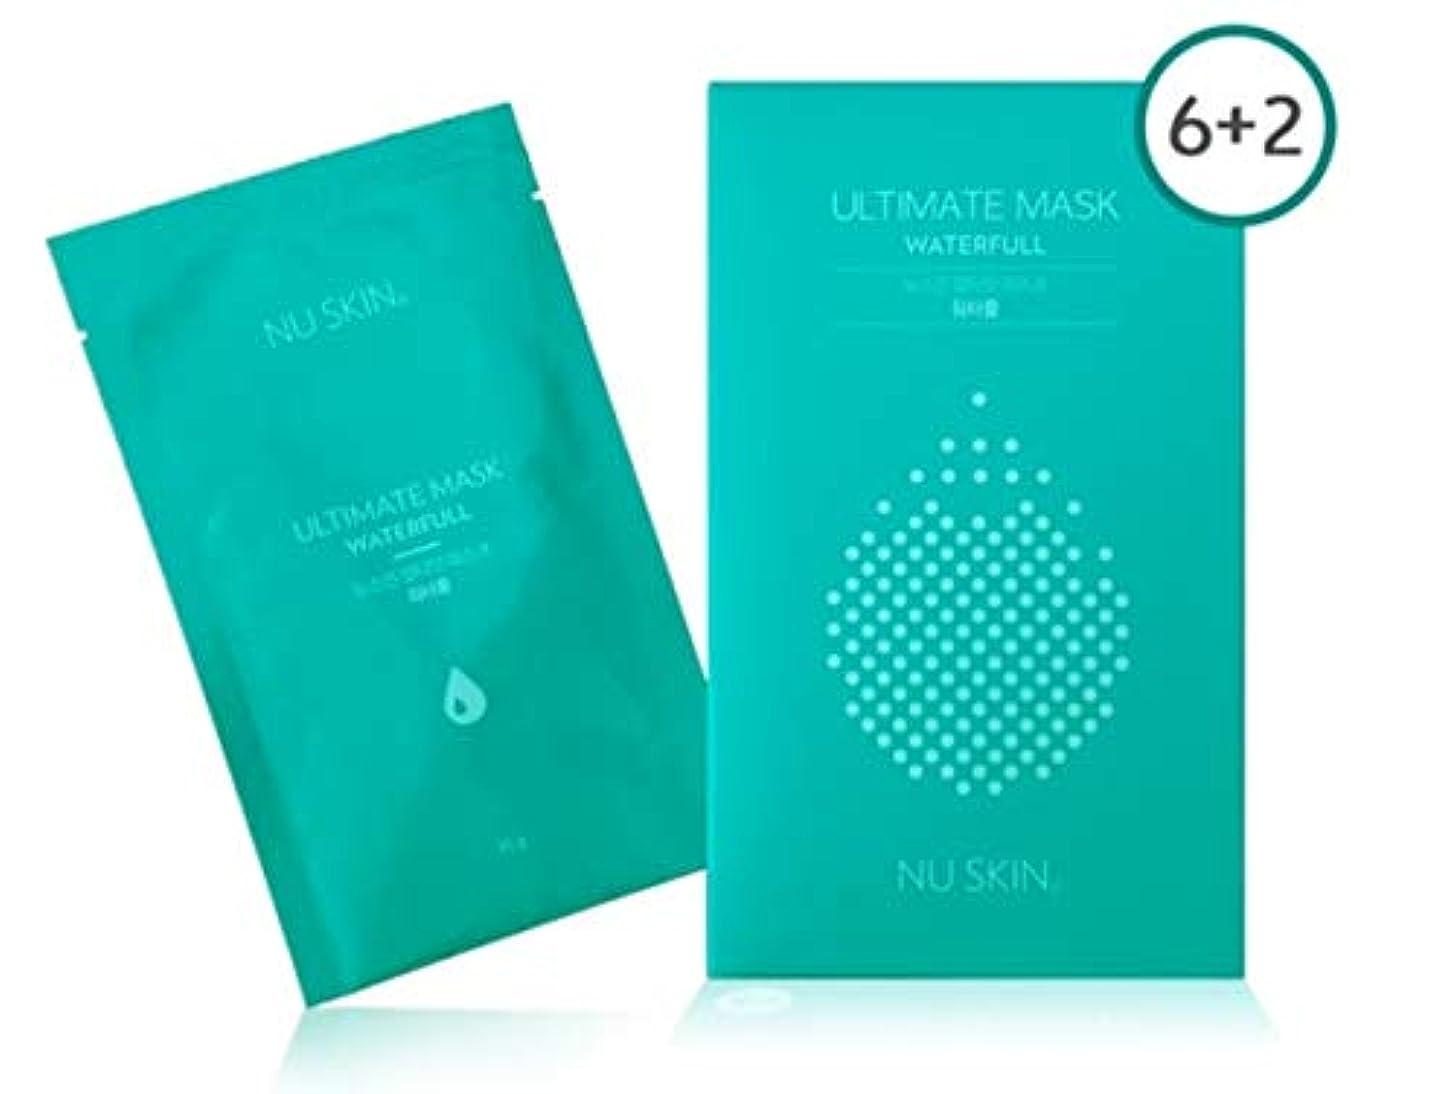 慈悲信頼性のあるセラーニュースキン NU SKIN ULTIMATE MASK WATERFULL 6+2 水分マスクパック(海外直送品)